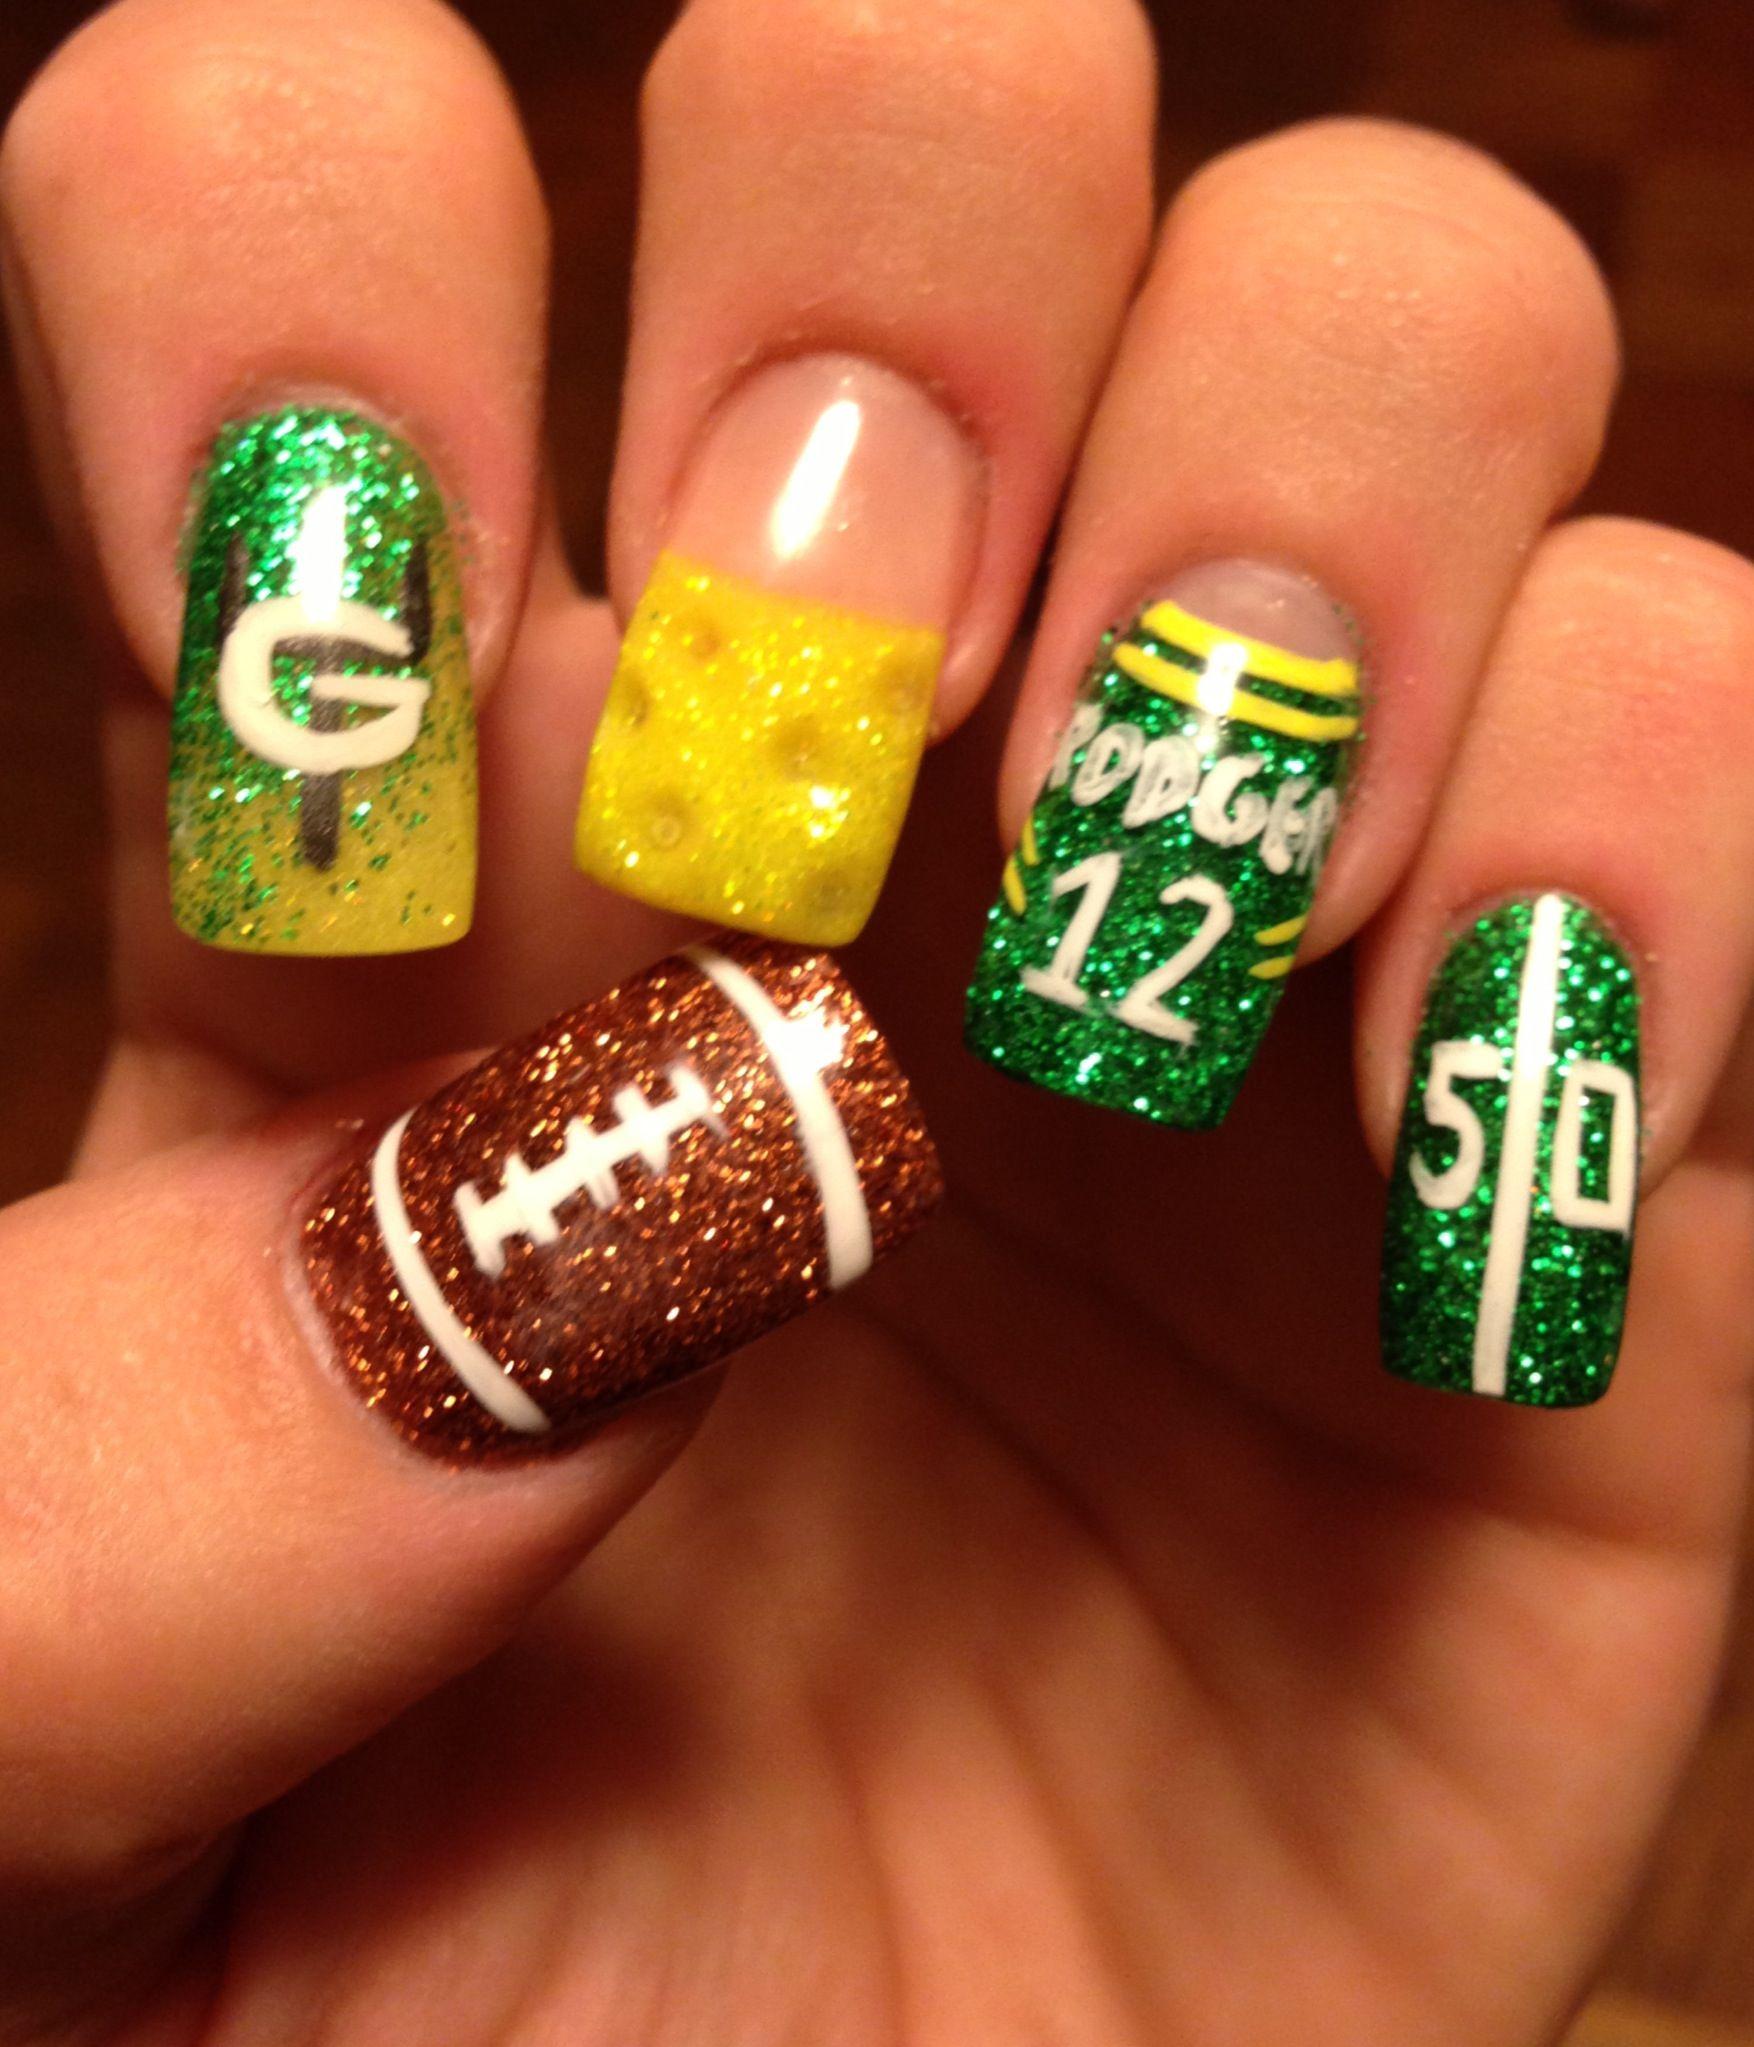 Pin By Maureen Faricy On Because I M A Dork Green Bay Packers Nails Packer Nails Football Nail Designs